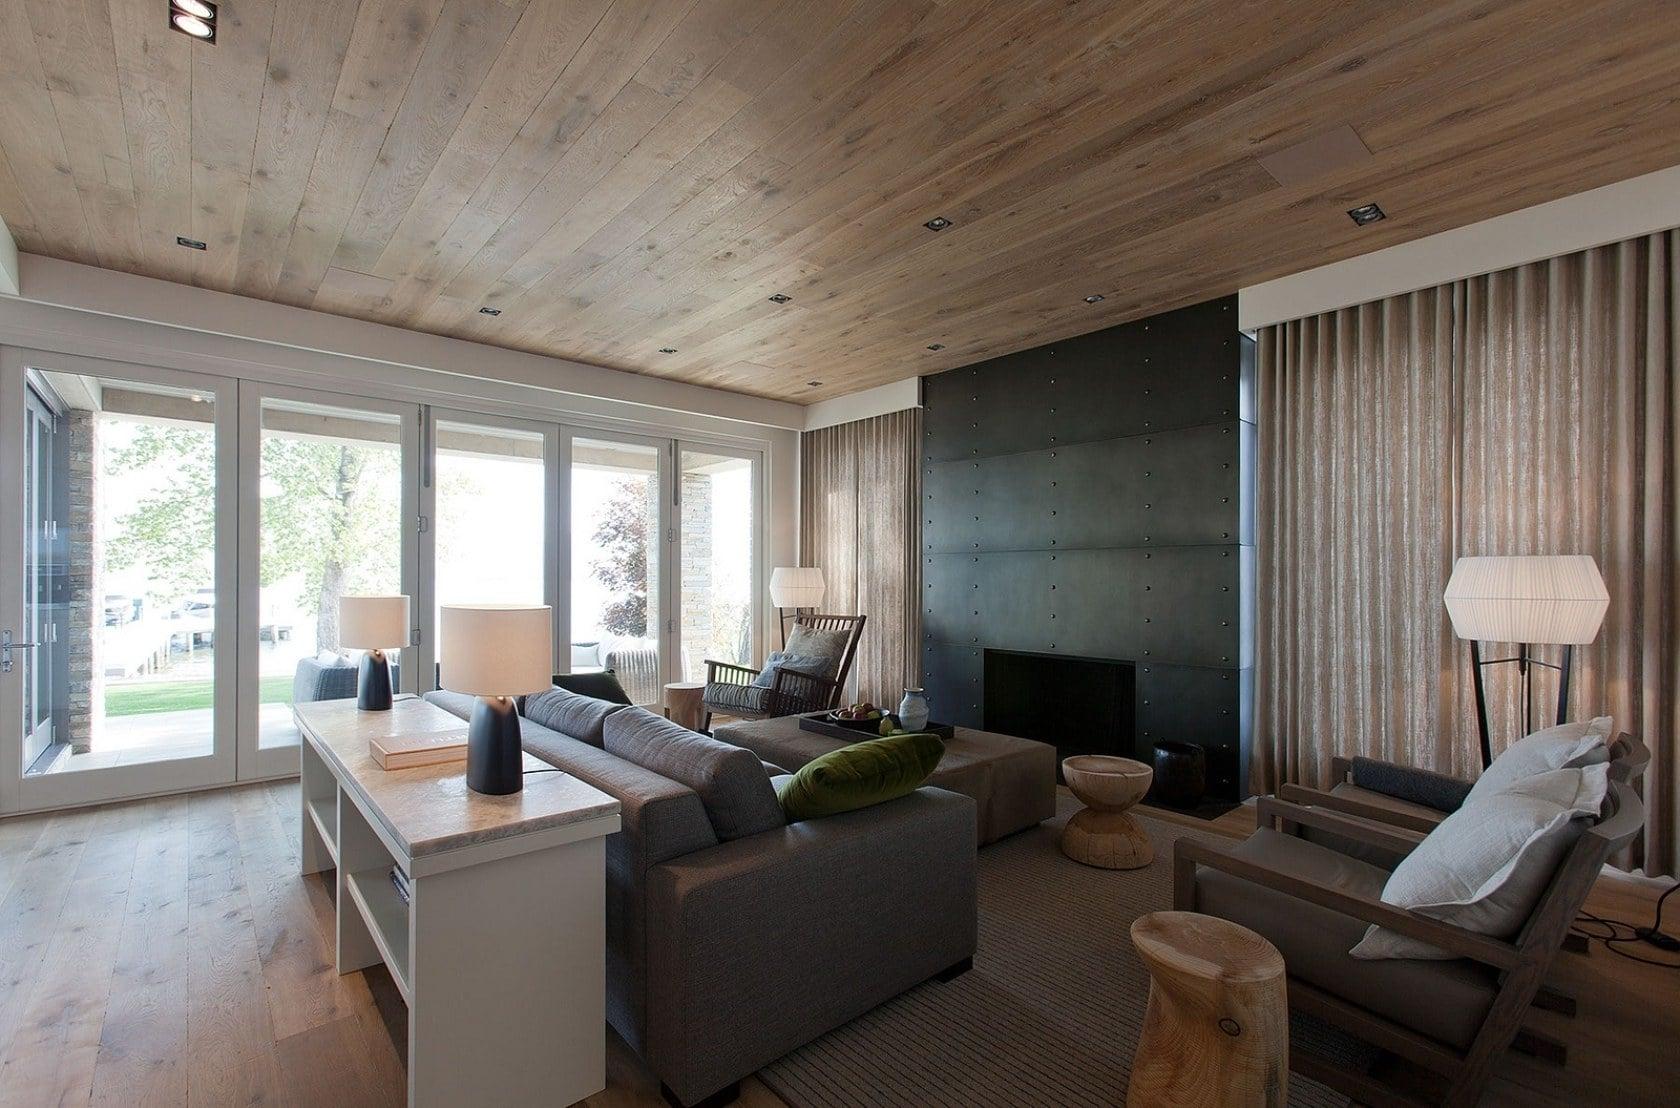 30 Techos De Madera De Interior No Te Lo Pierdas Estreno Casa ~ Techos Decorativos Para Interiores